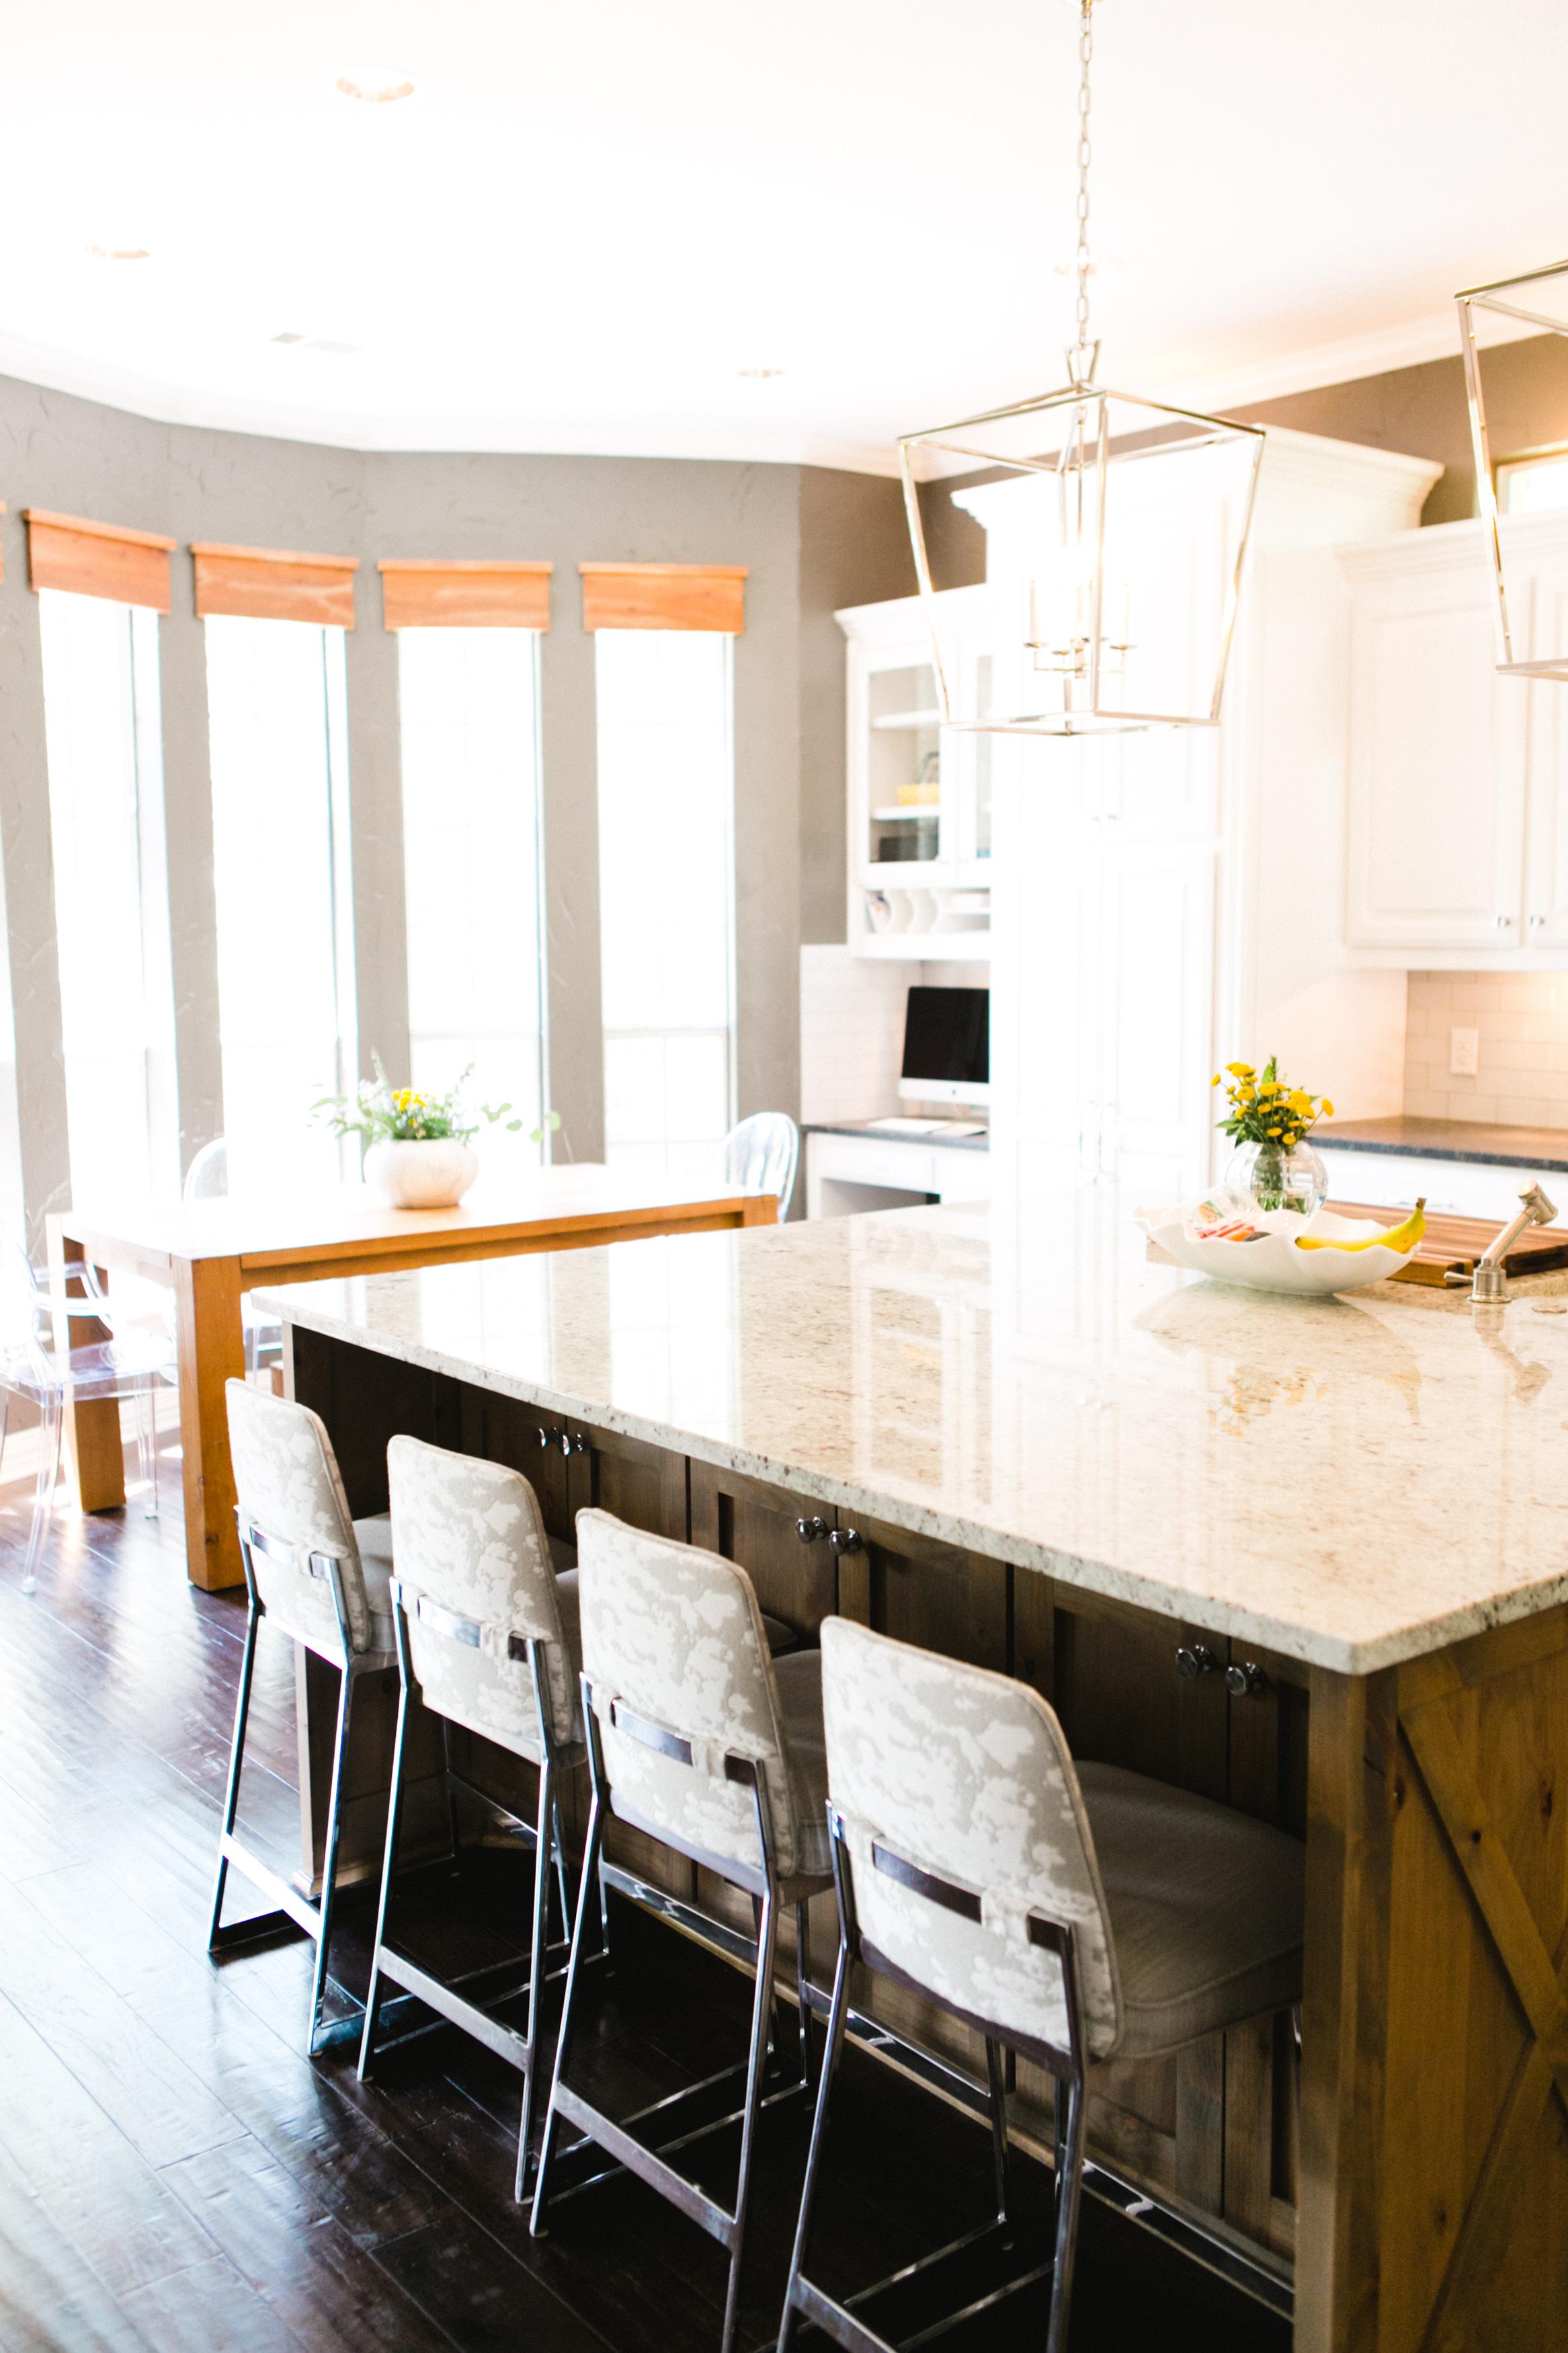 Southlake Kitchen Remodel  4.jpg